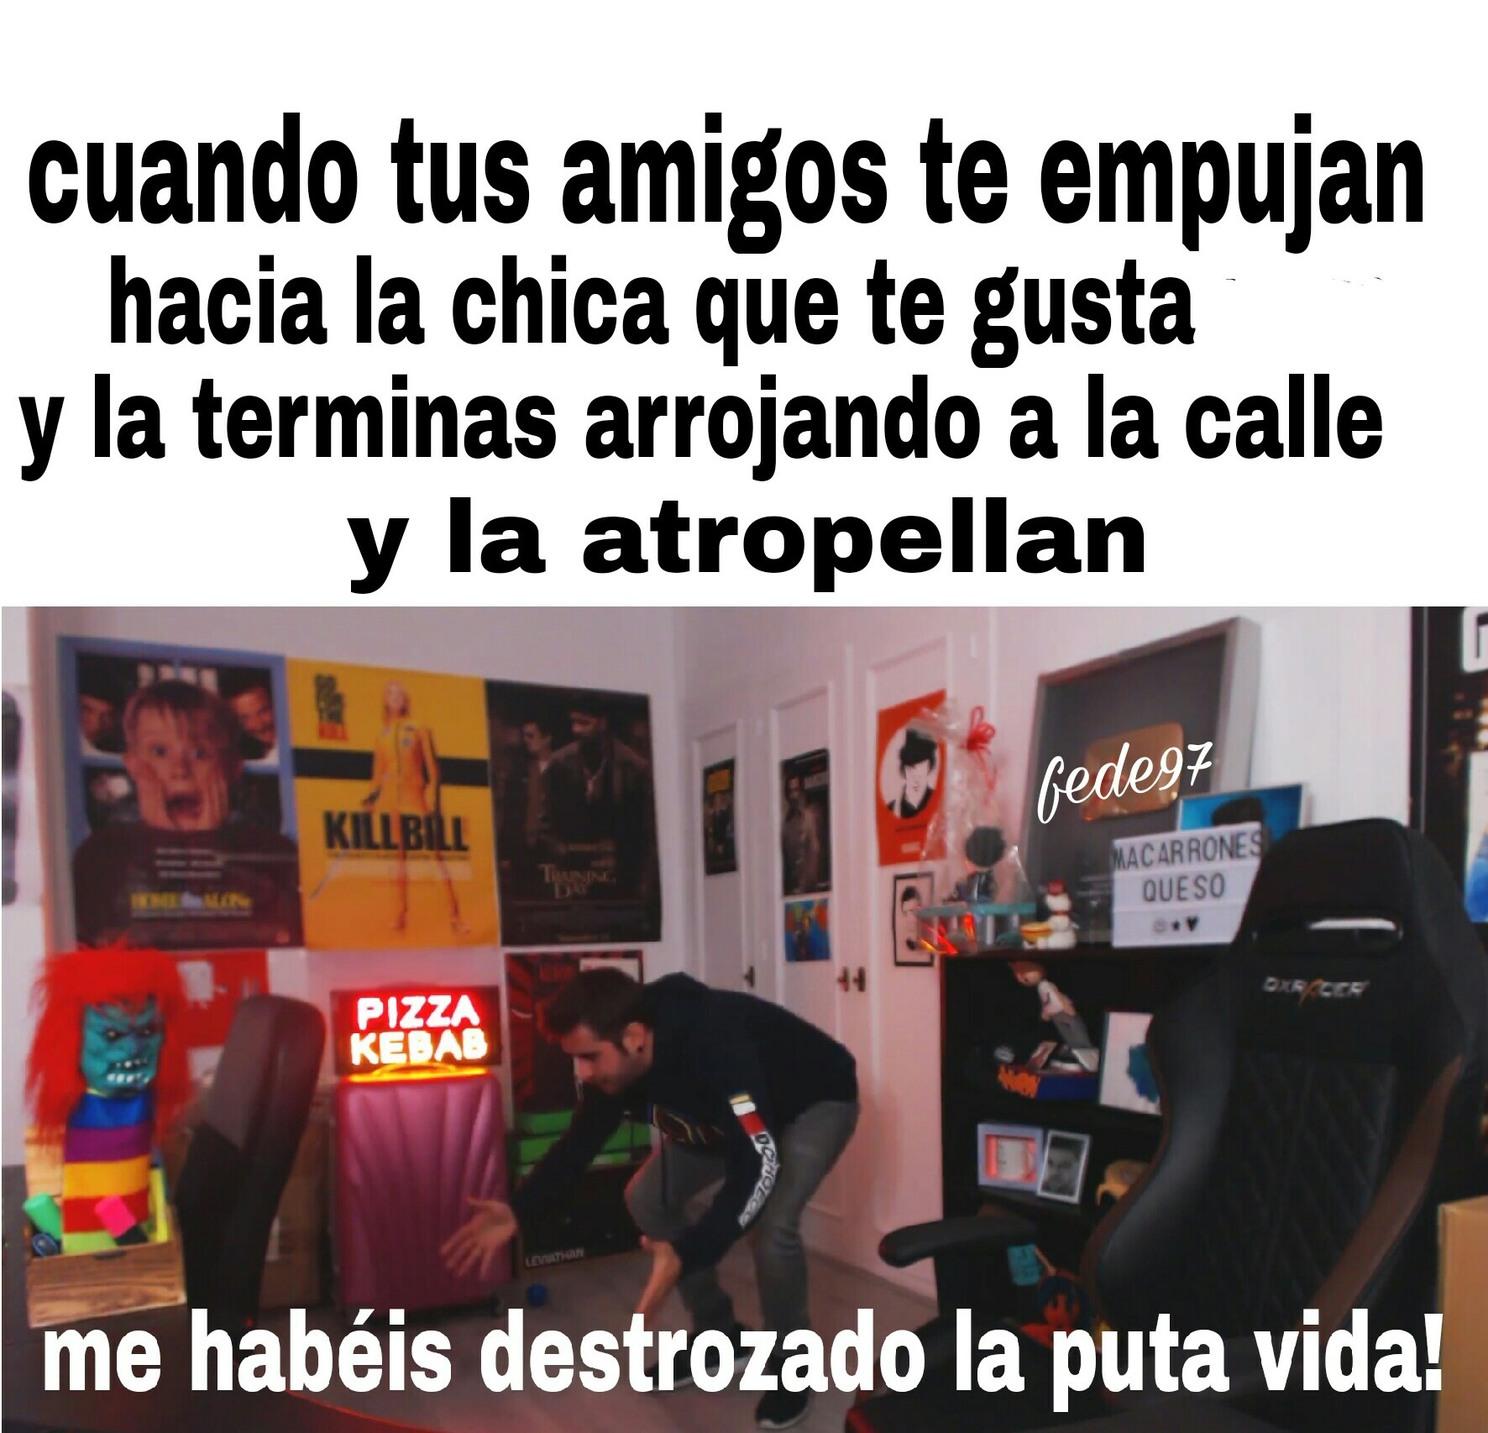 Nueva zapatilla de Raúl - meme